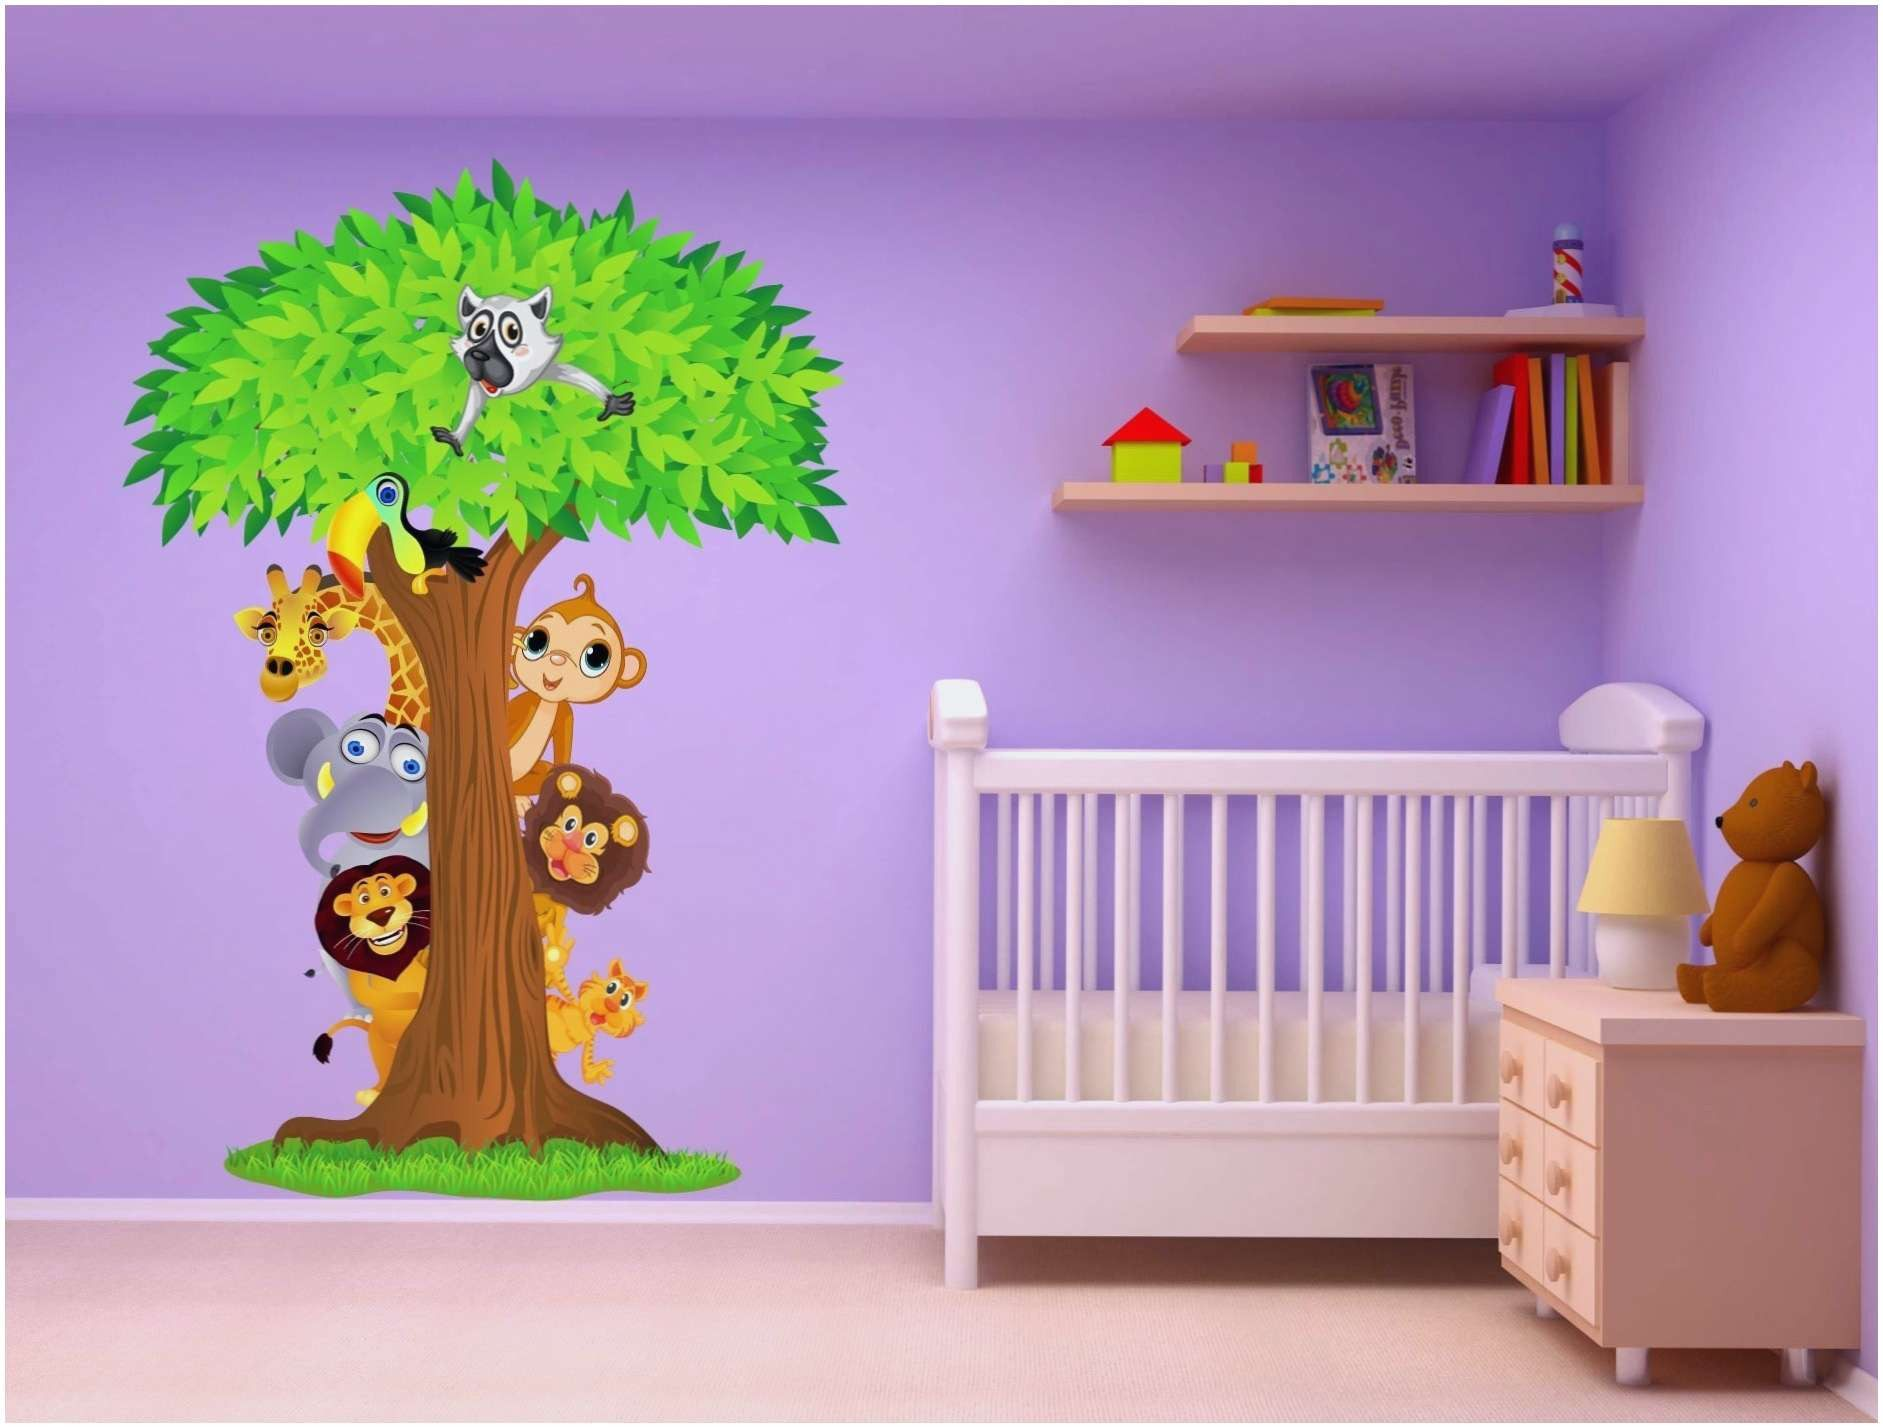 Lit Au sol Bébé Montessori Impressionnant 21 Nouveau Lit Bébé Sauthon